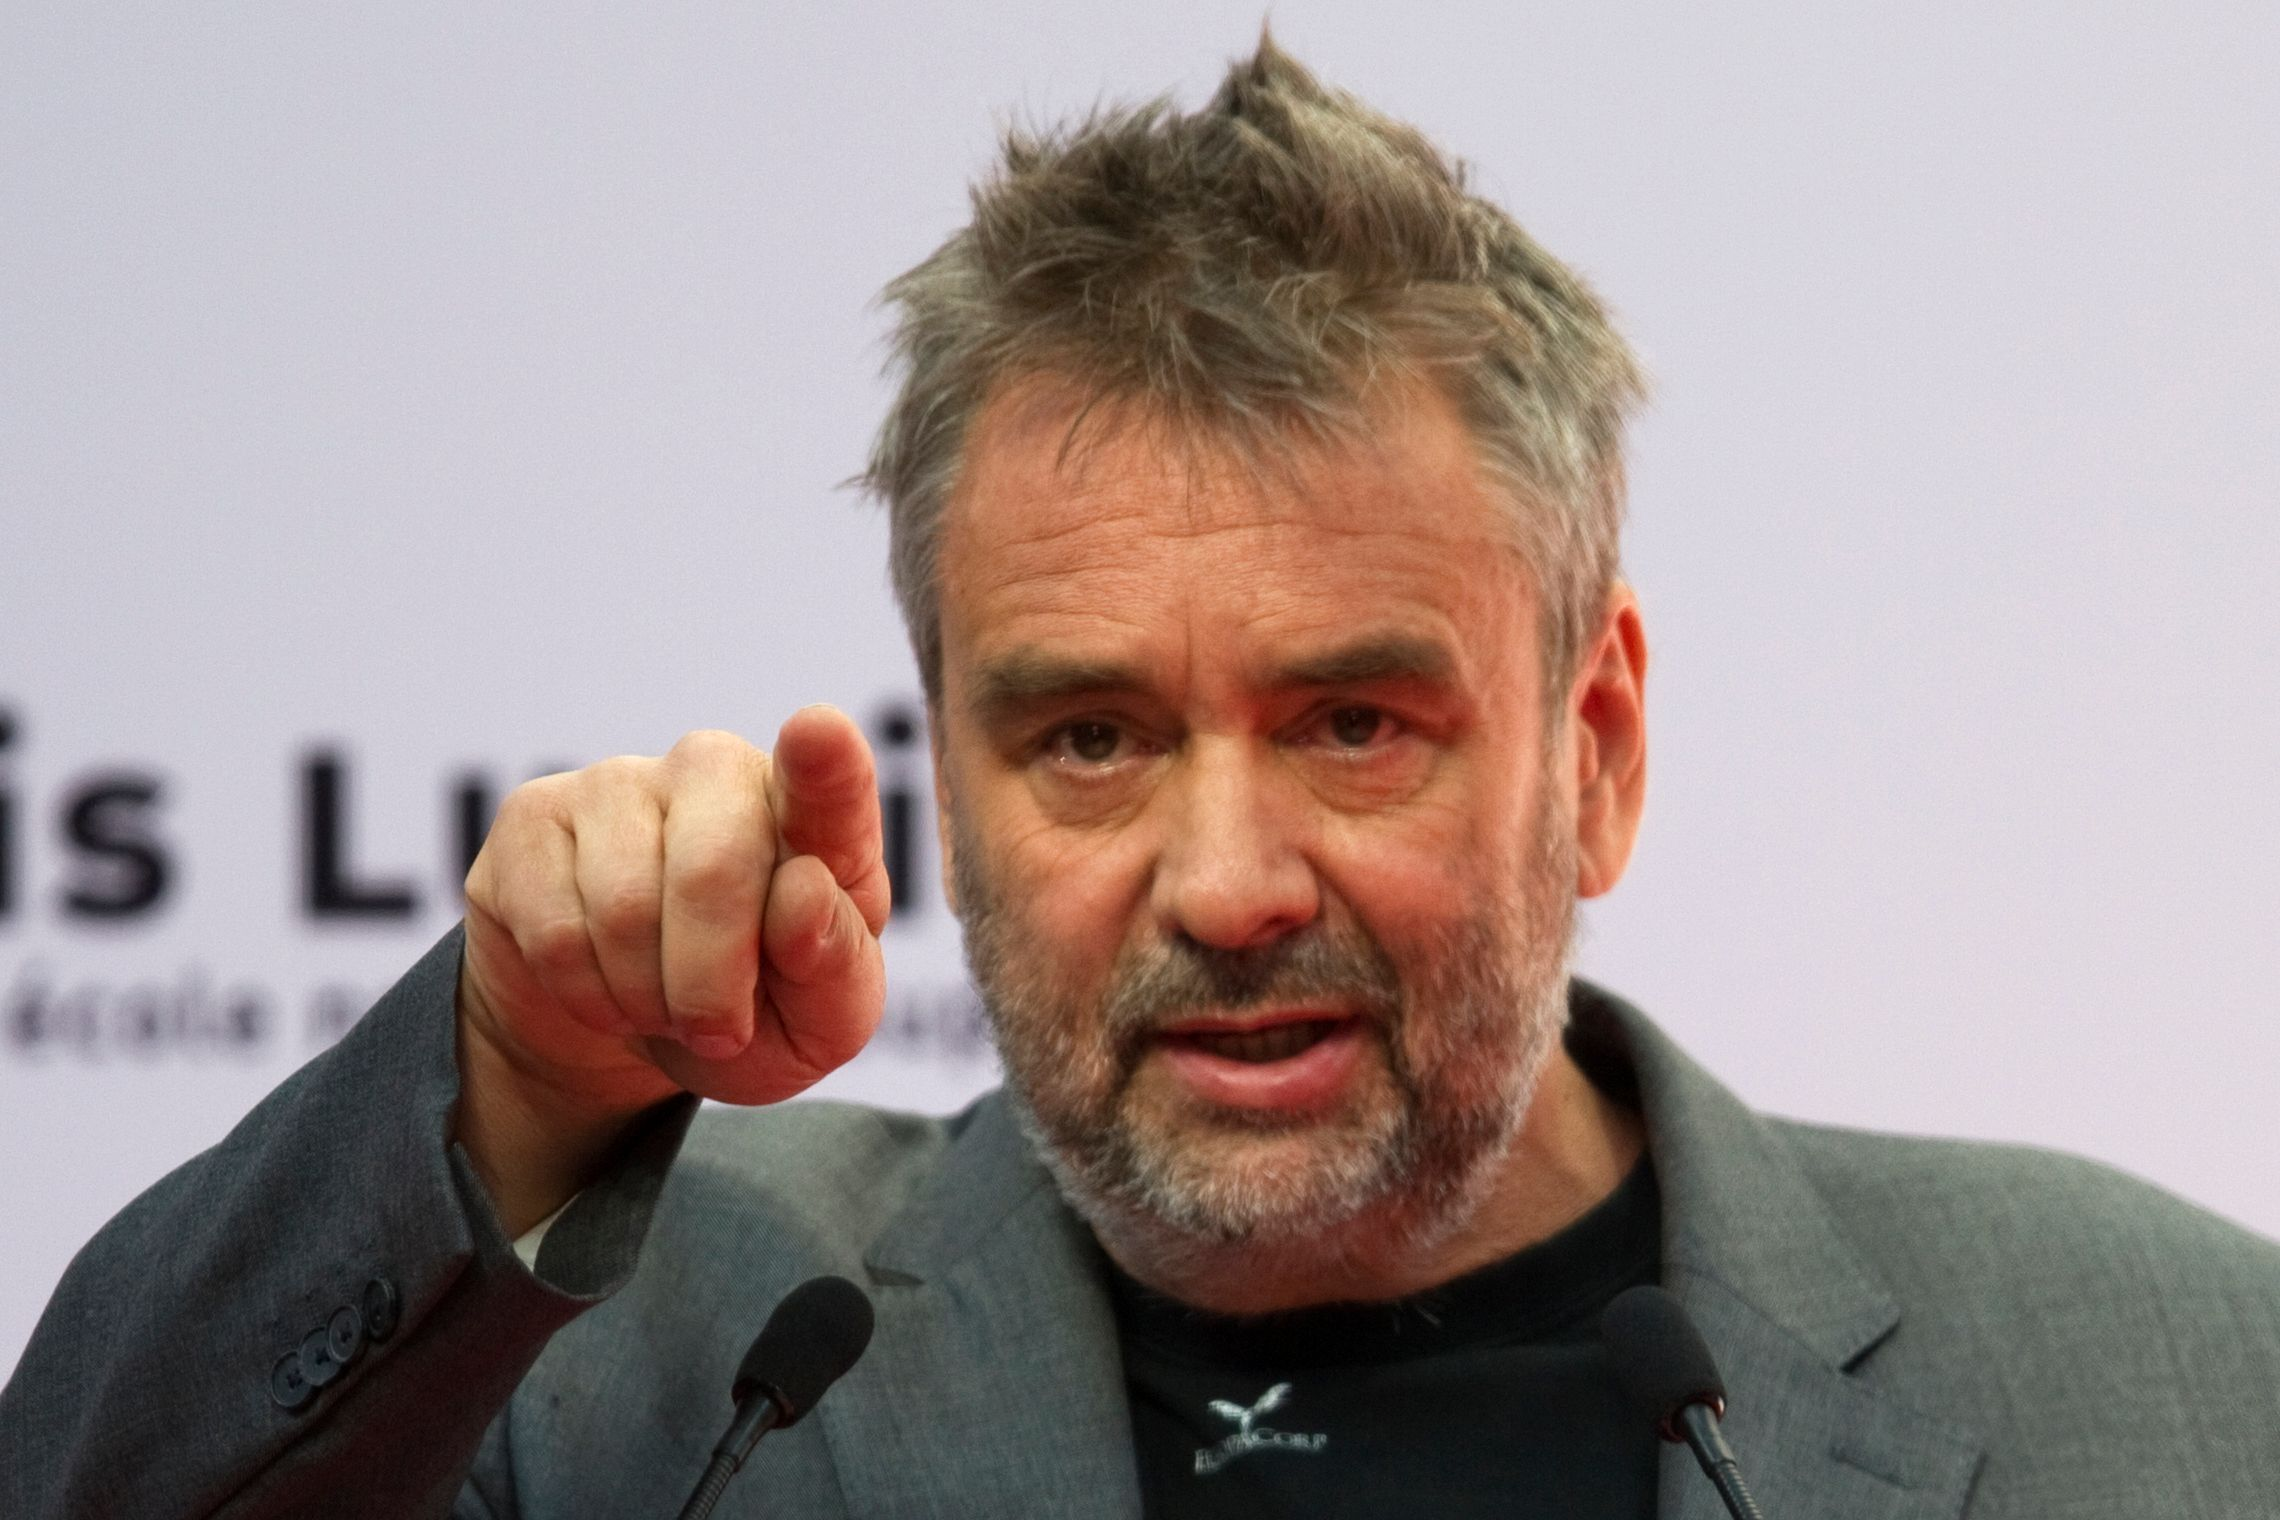 Le prochain film de Luc Besson, Valerian, pourra bien être tourné en France